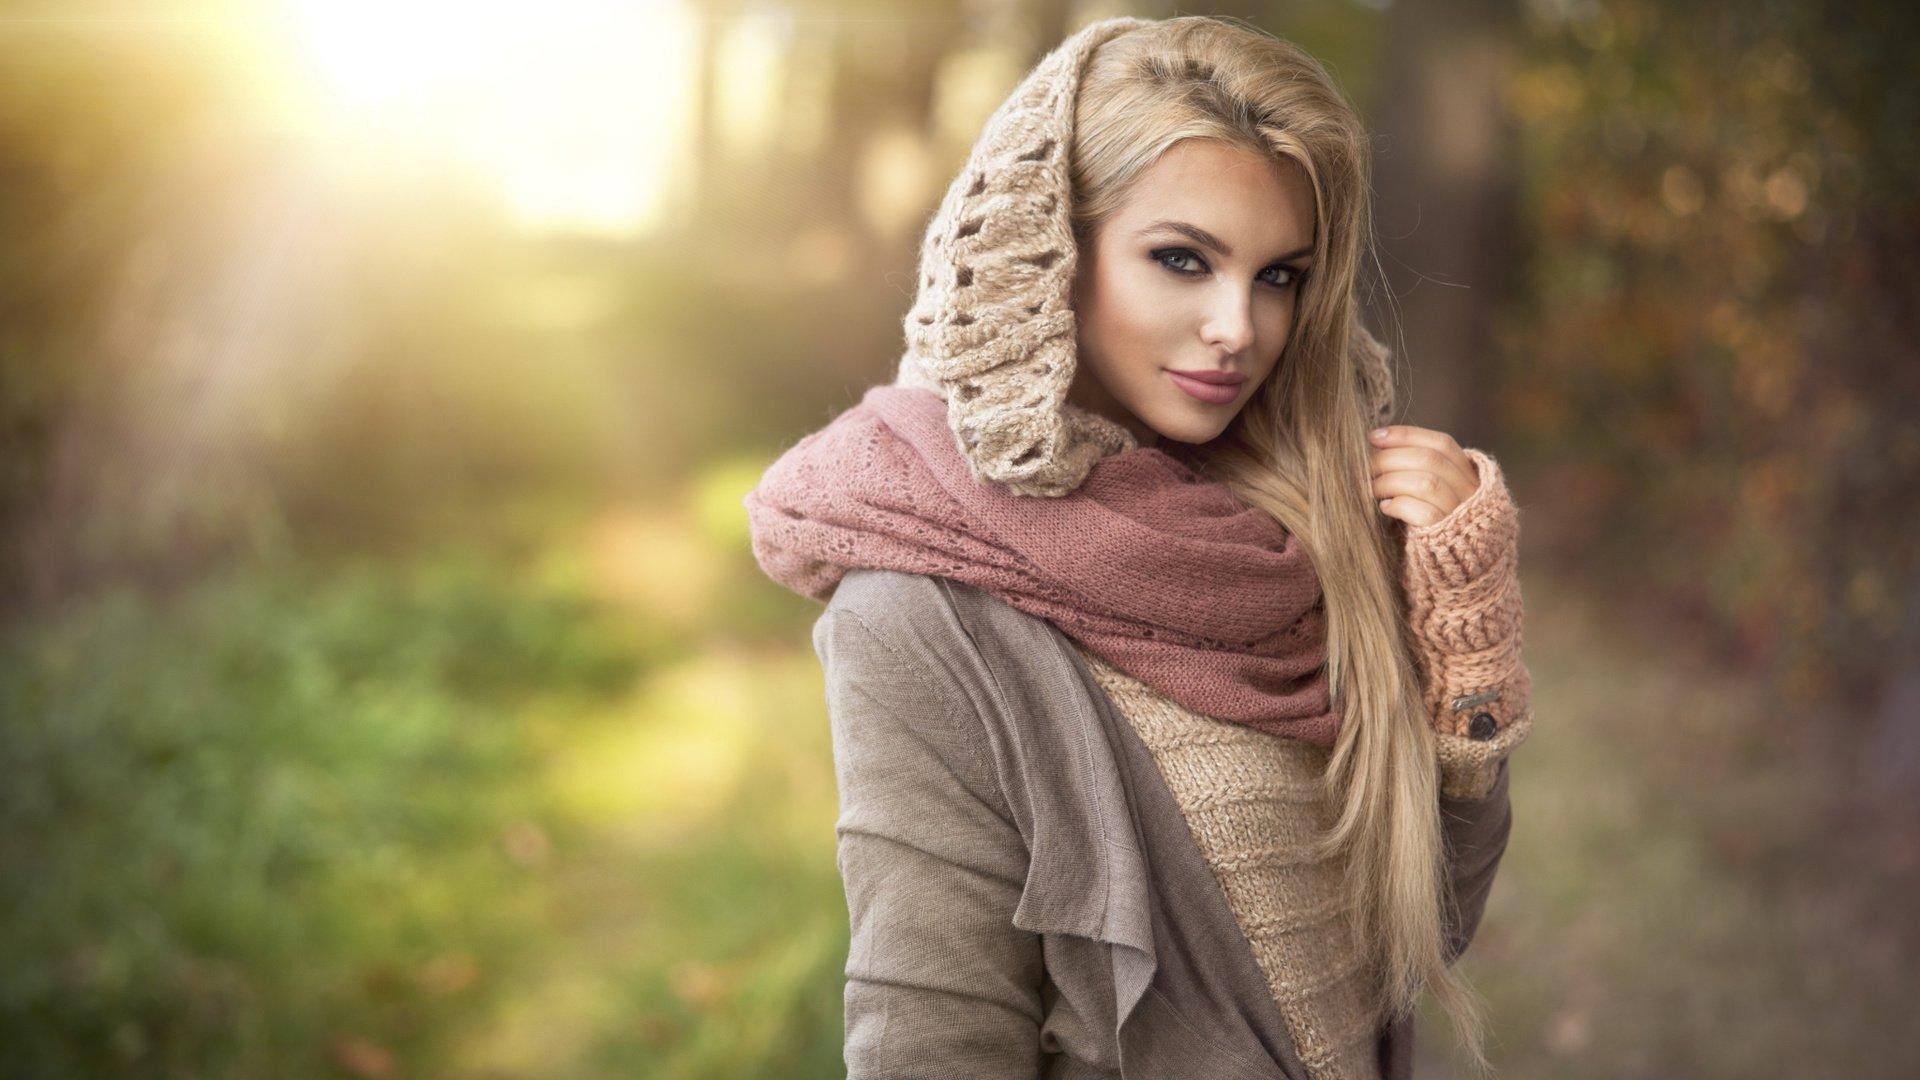 Фото девушек с шарфиком